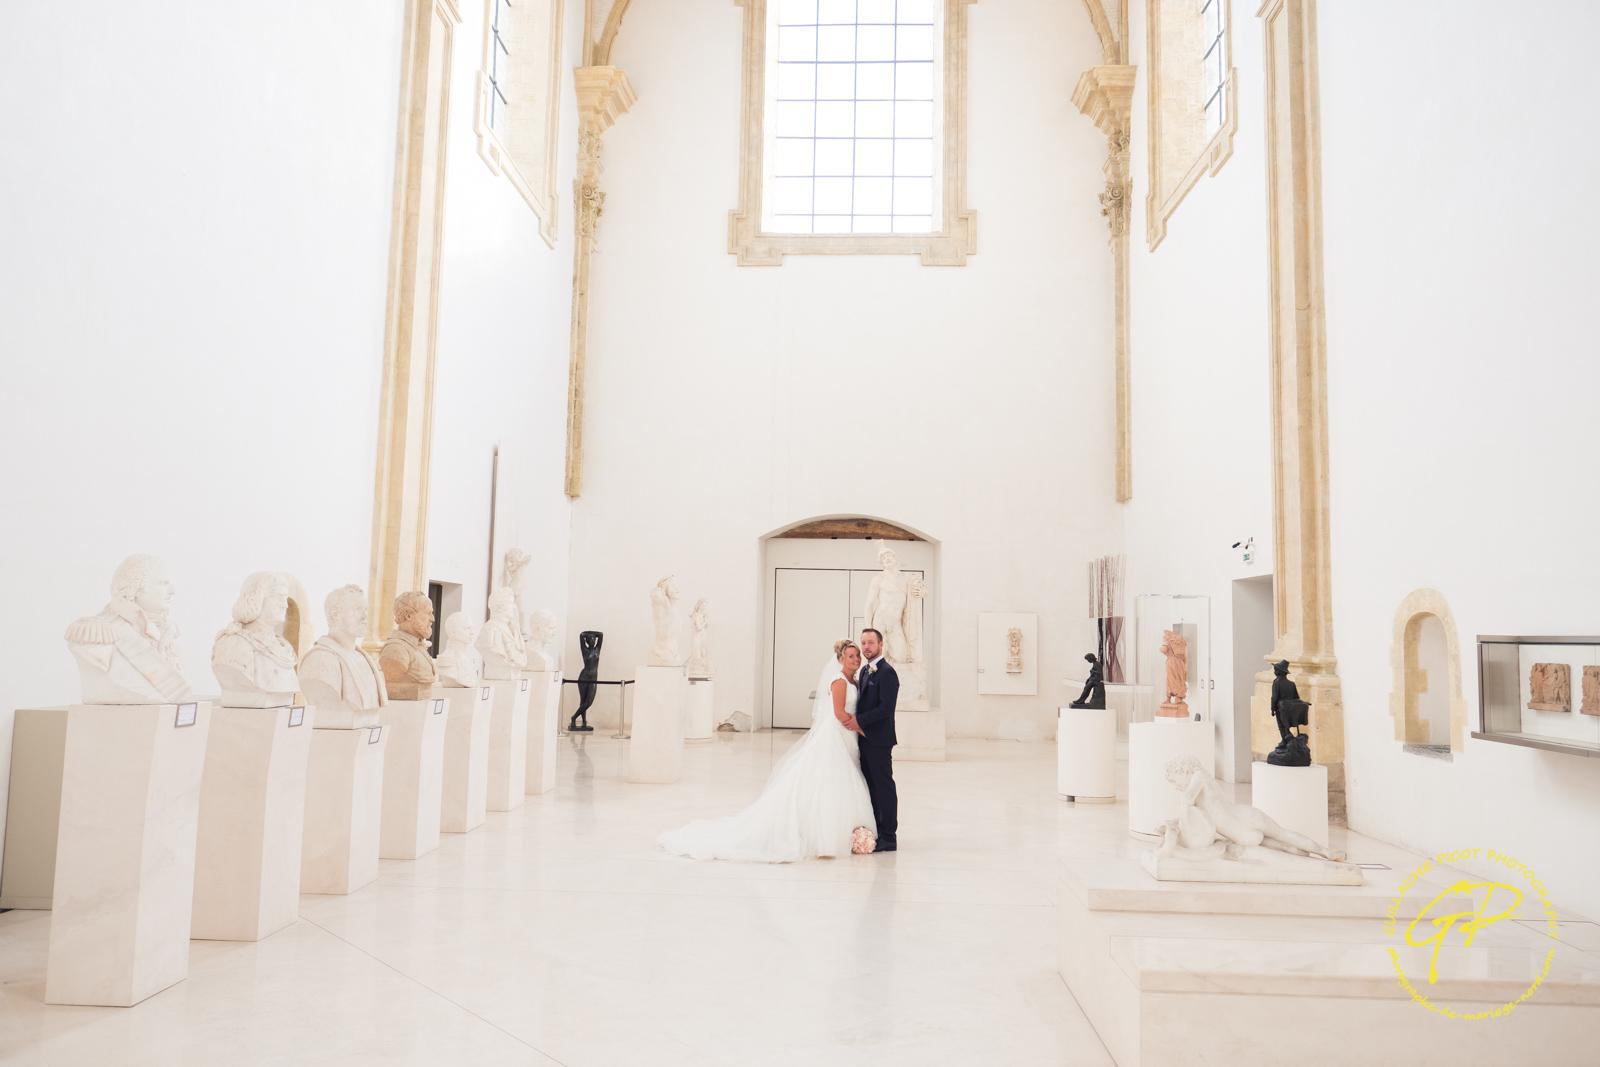 photographe mariage haut de france-3220